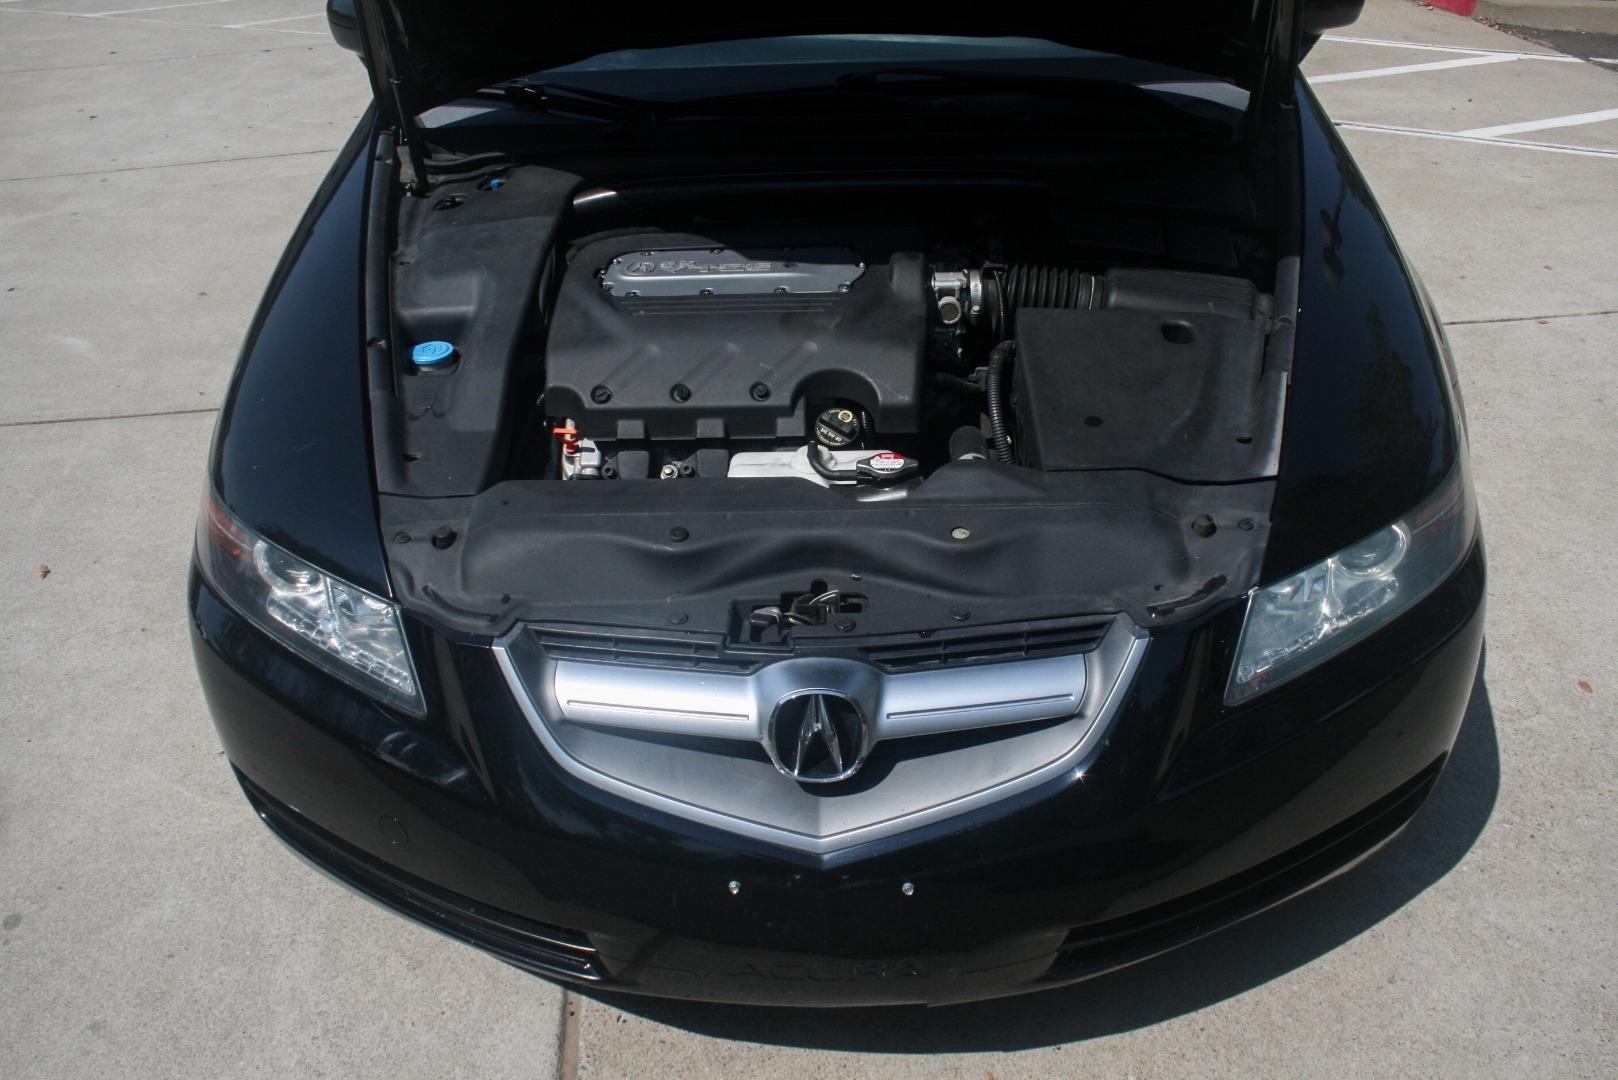 2005 Acura Tl 4dr Sdn At W Navigation Roseville City Motors Dealership In Roseville